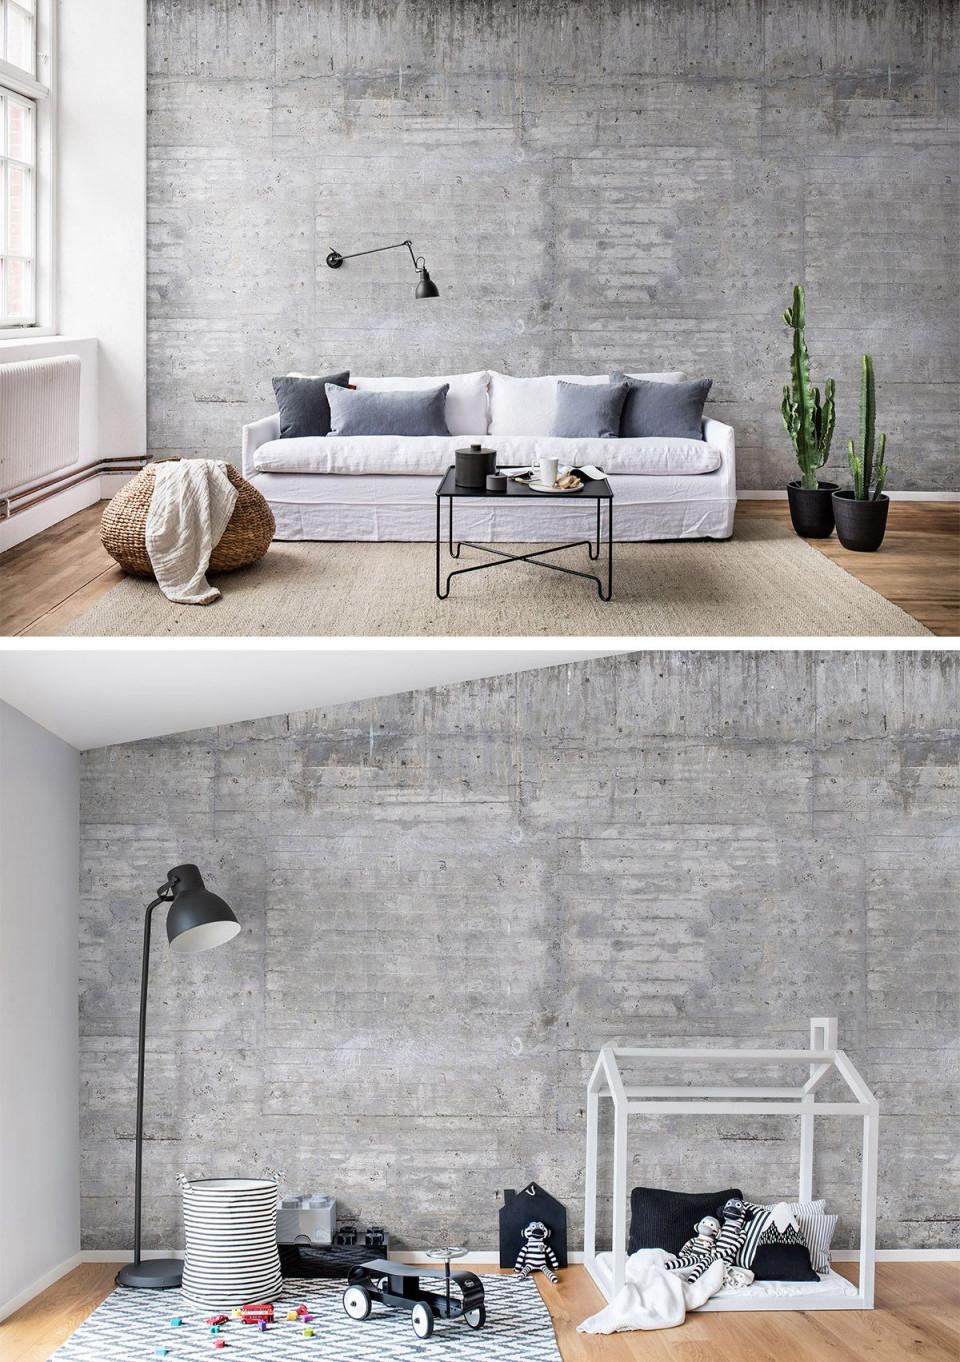 Wooden Concrete  Wandgestaltung Tapete Tapete Wohnzimmer von Design Tapeten Wohnzimmer Bild